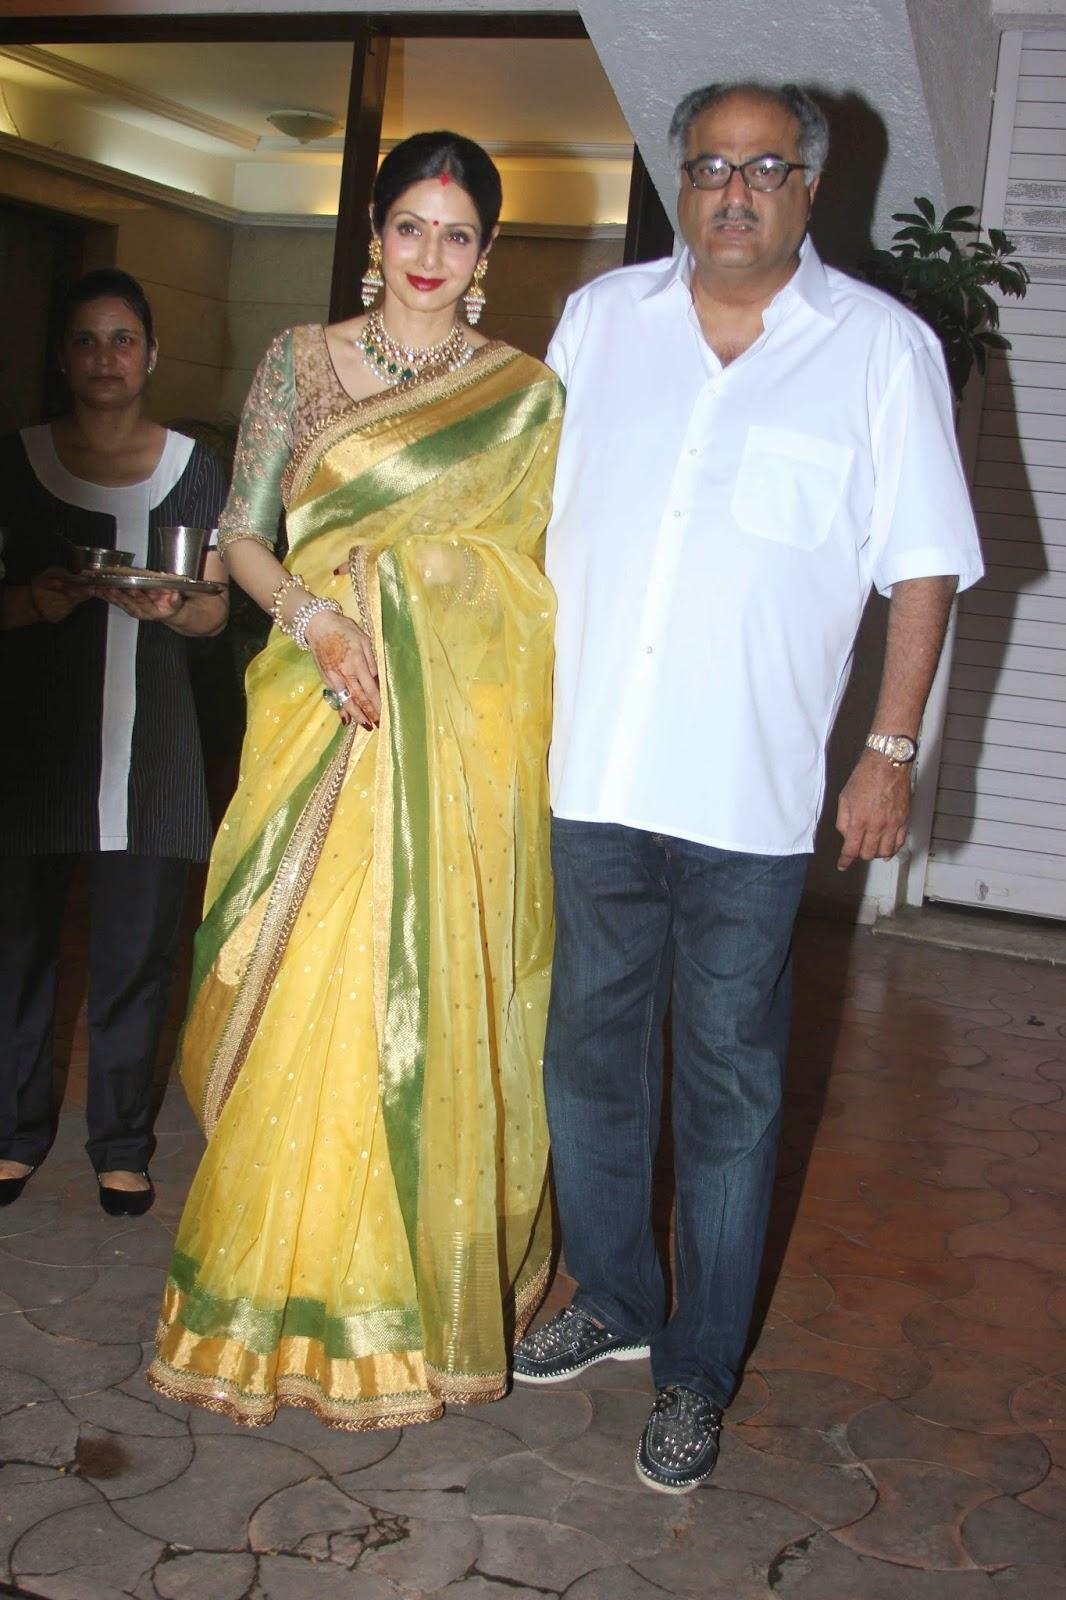 Shilpa Shetty and Sridevi celebrate Karwa Chauth Festival